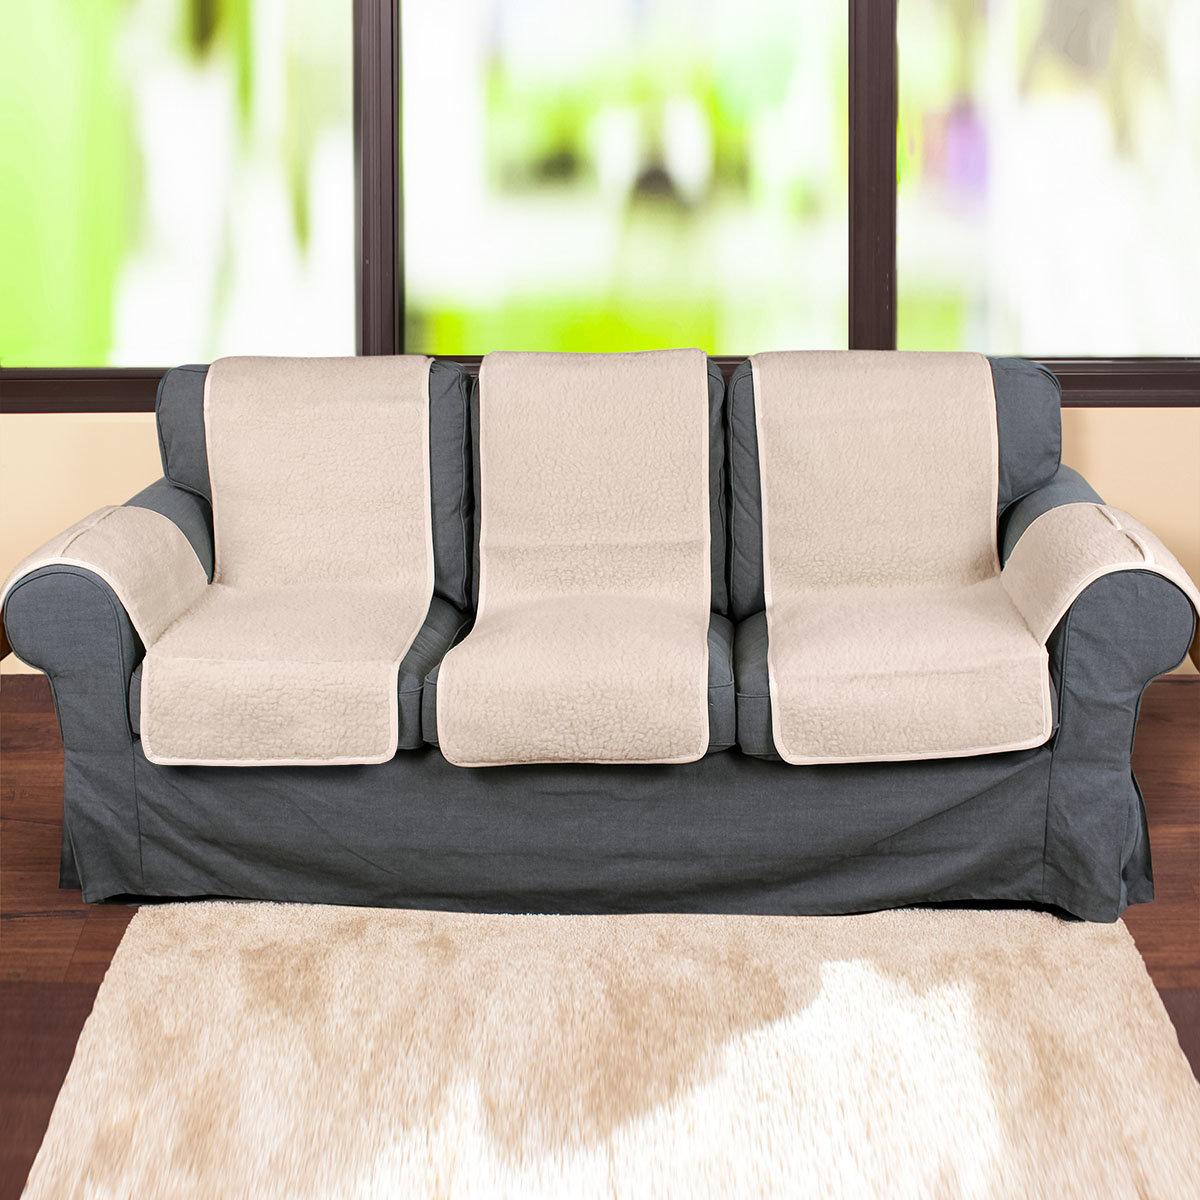 schurwoll schoner gro vaters liebling f r sofas mittelteil von g rtner p tschke. Black Bedroom Furniture Sets. Home Design Ideas